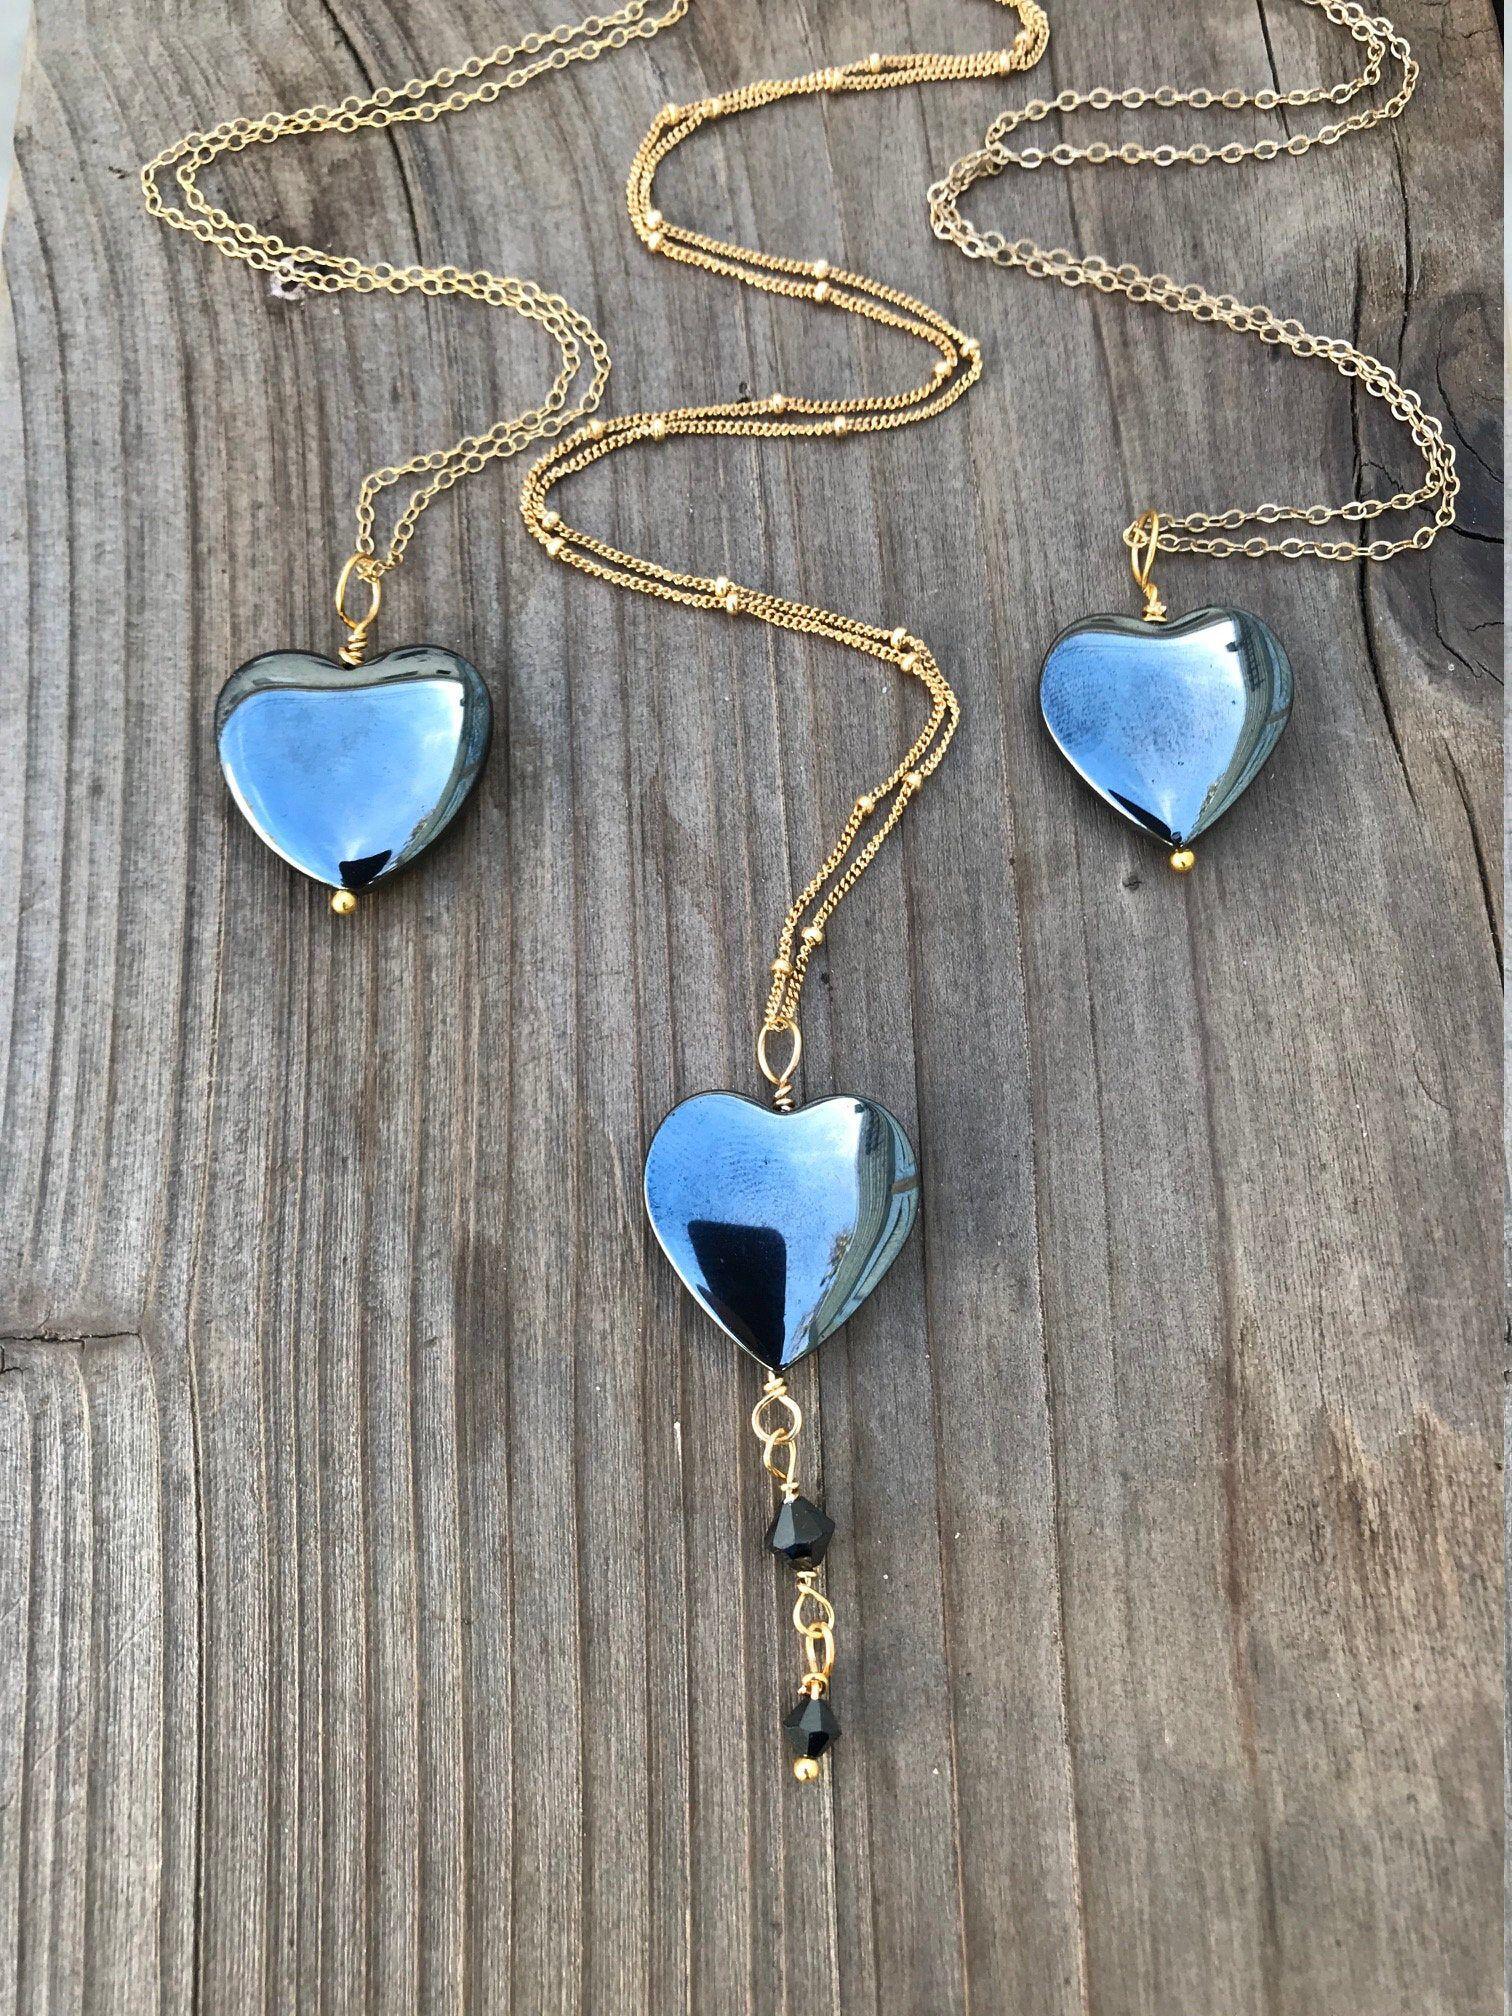 Photo of Chakra Jewelry / Hematite / Hematite Heart Necklace / Hematite Pendant / Hematite Heart / Reiki Jewelry / Gold Filled